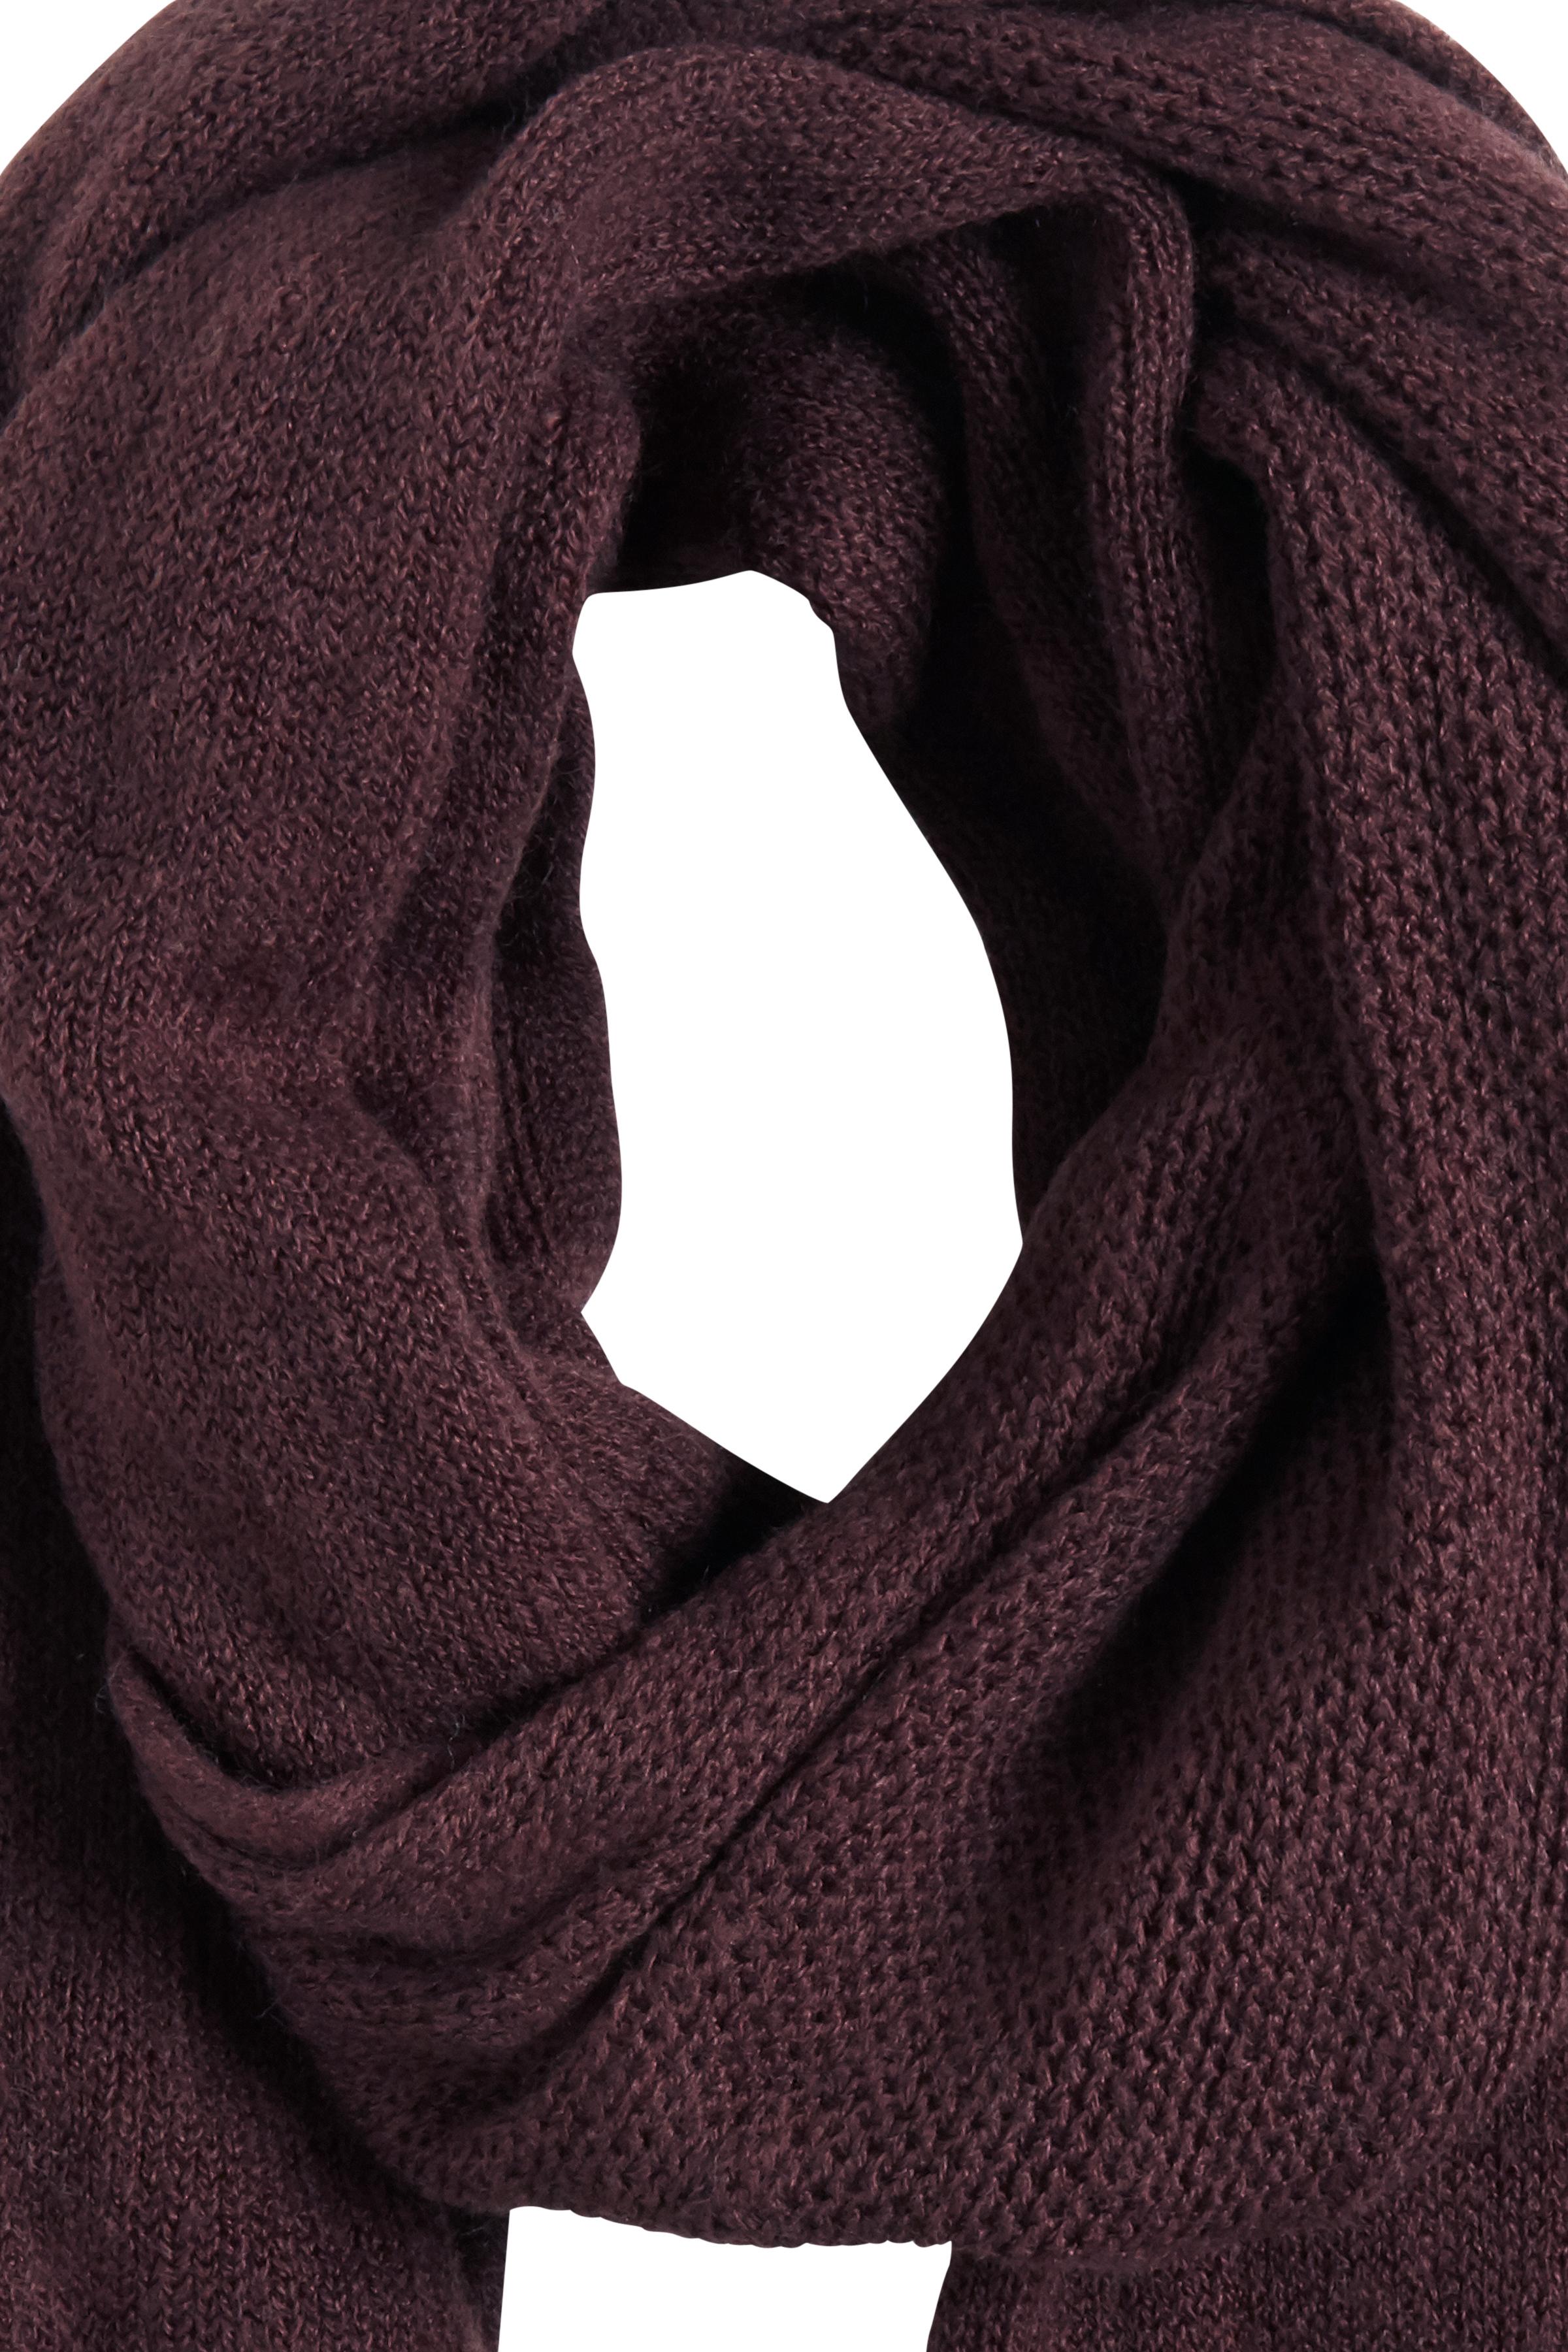 Fudge Tørklæde – Køb Fudge Tørklæde fra str. ONE her